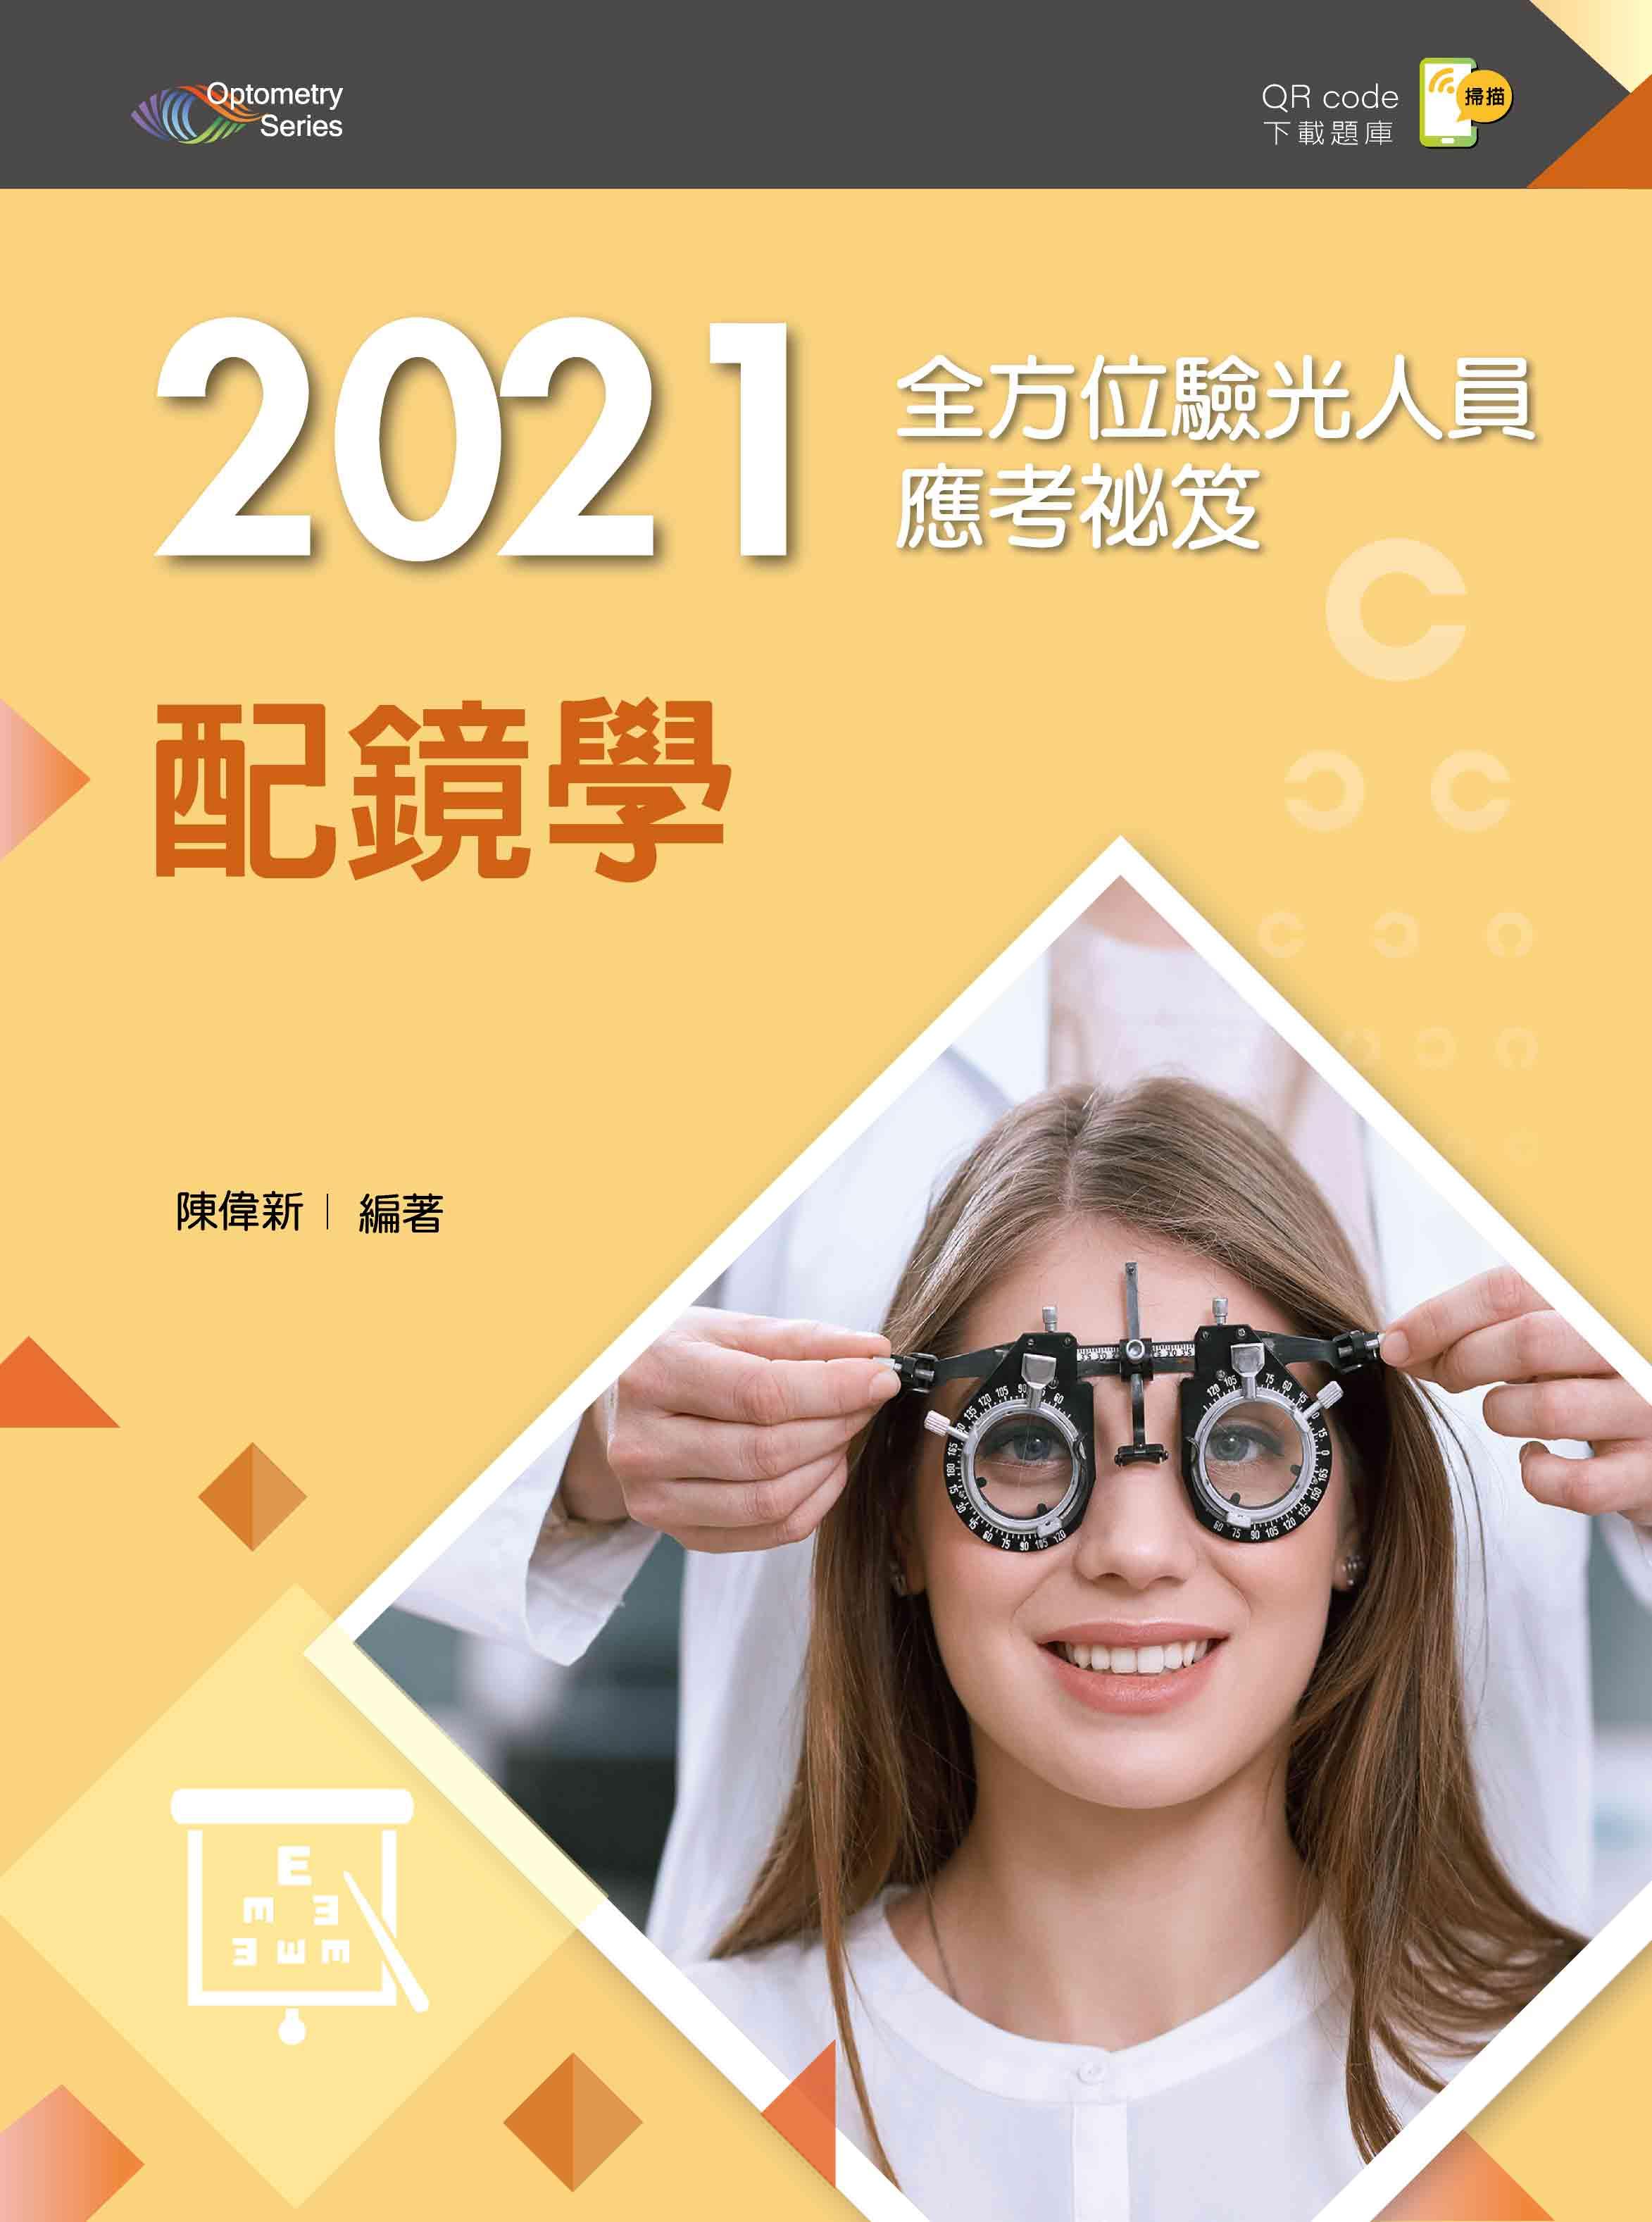 2021驗光人員應考祕笈──配鏡學